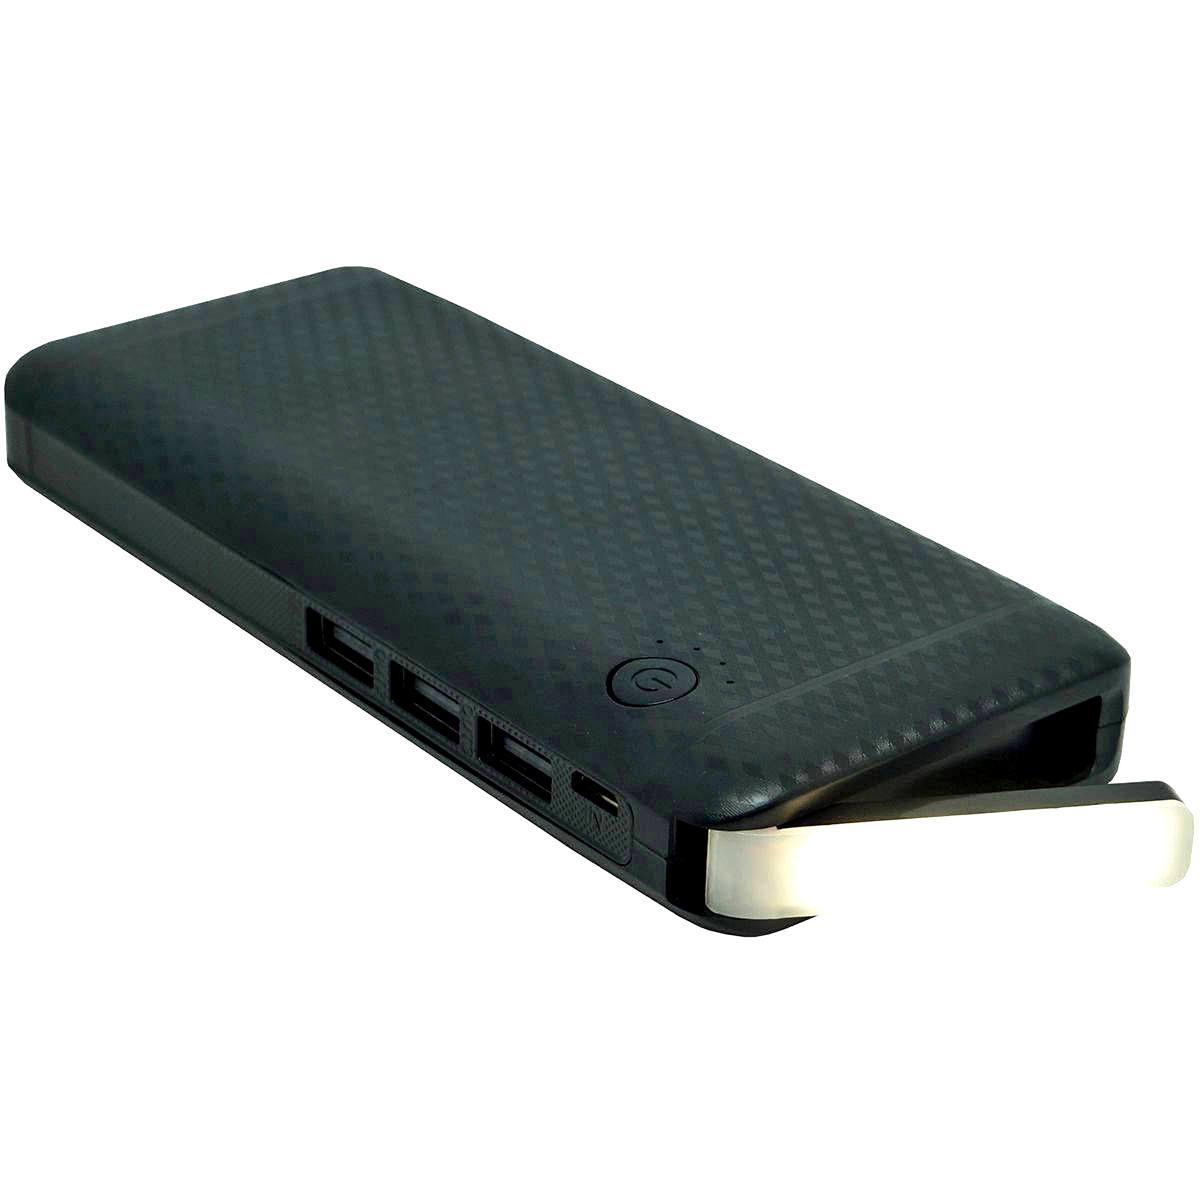 Power Bank 10000mAh Bateria Portátil com 3 Portas USB e Lanterna de LED Exbom PB-MX10 Preto